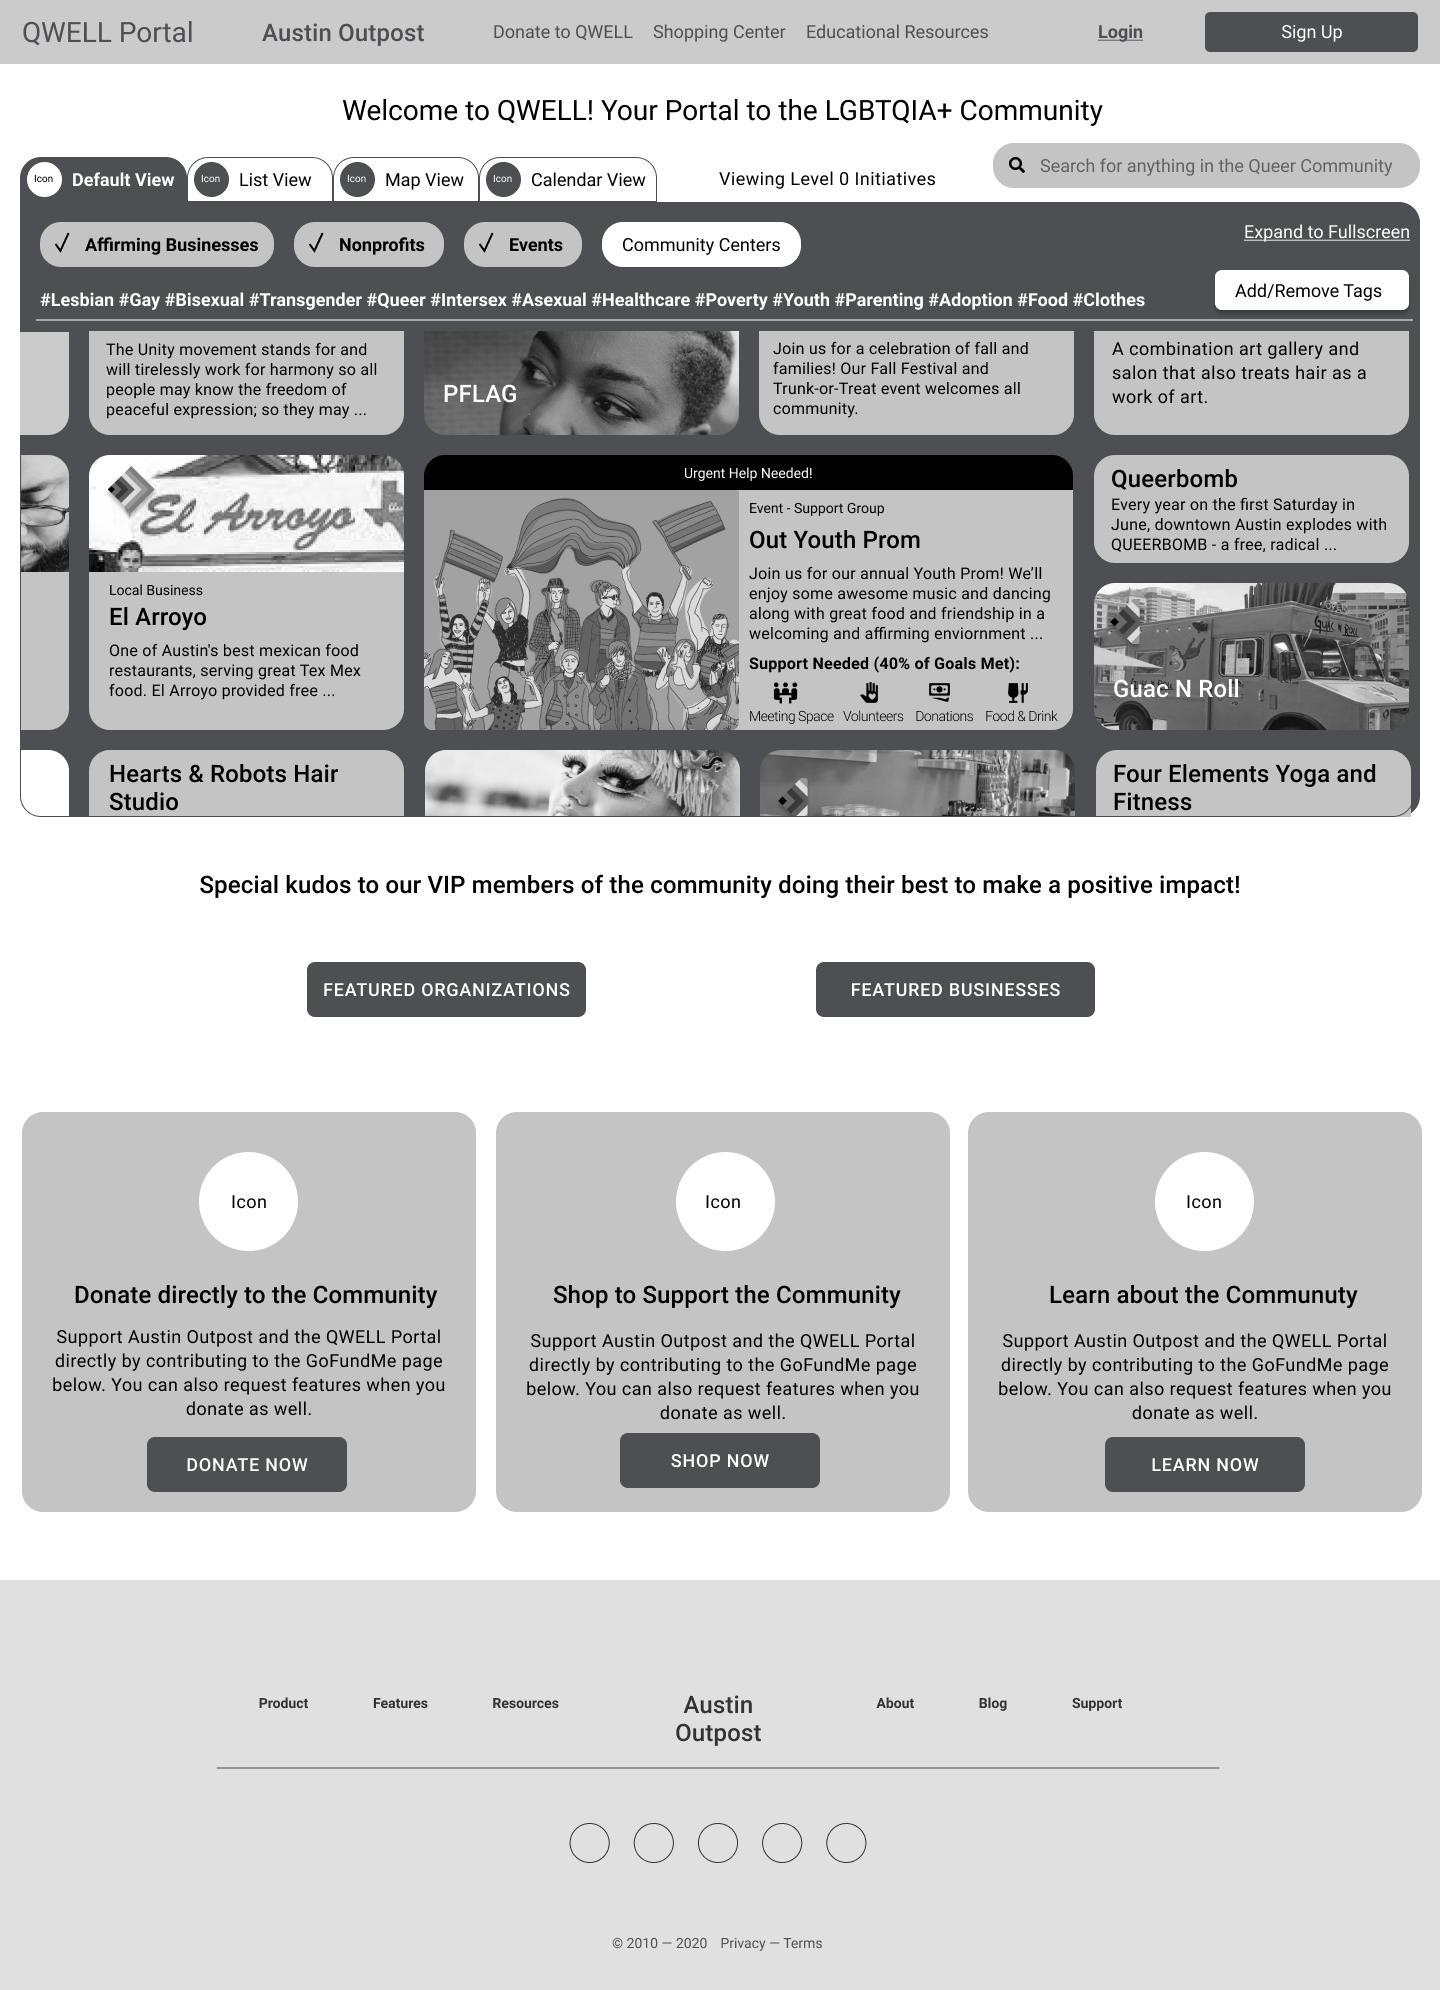 QWELL Portal Homepage, V1